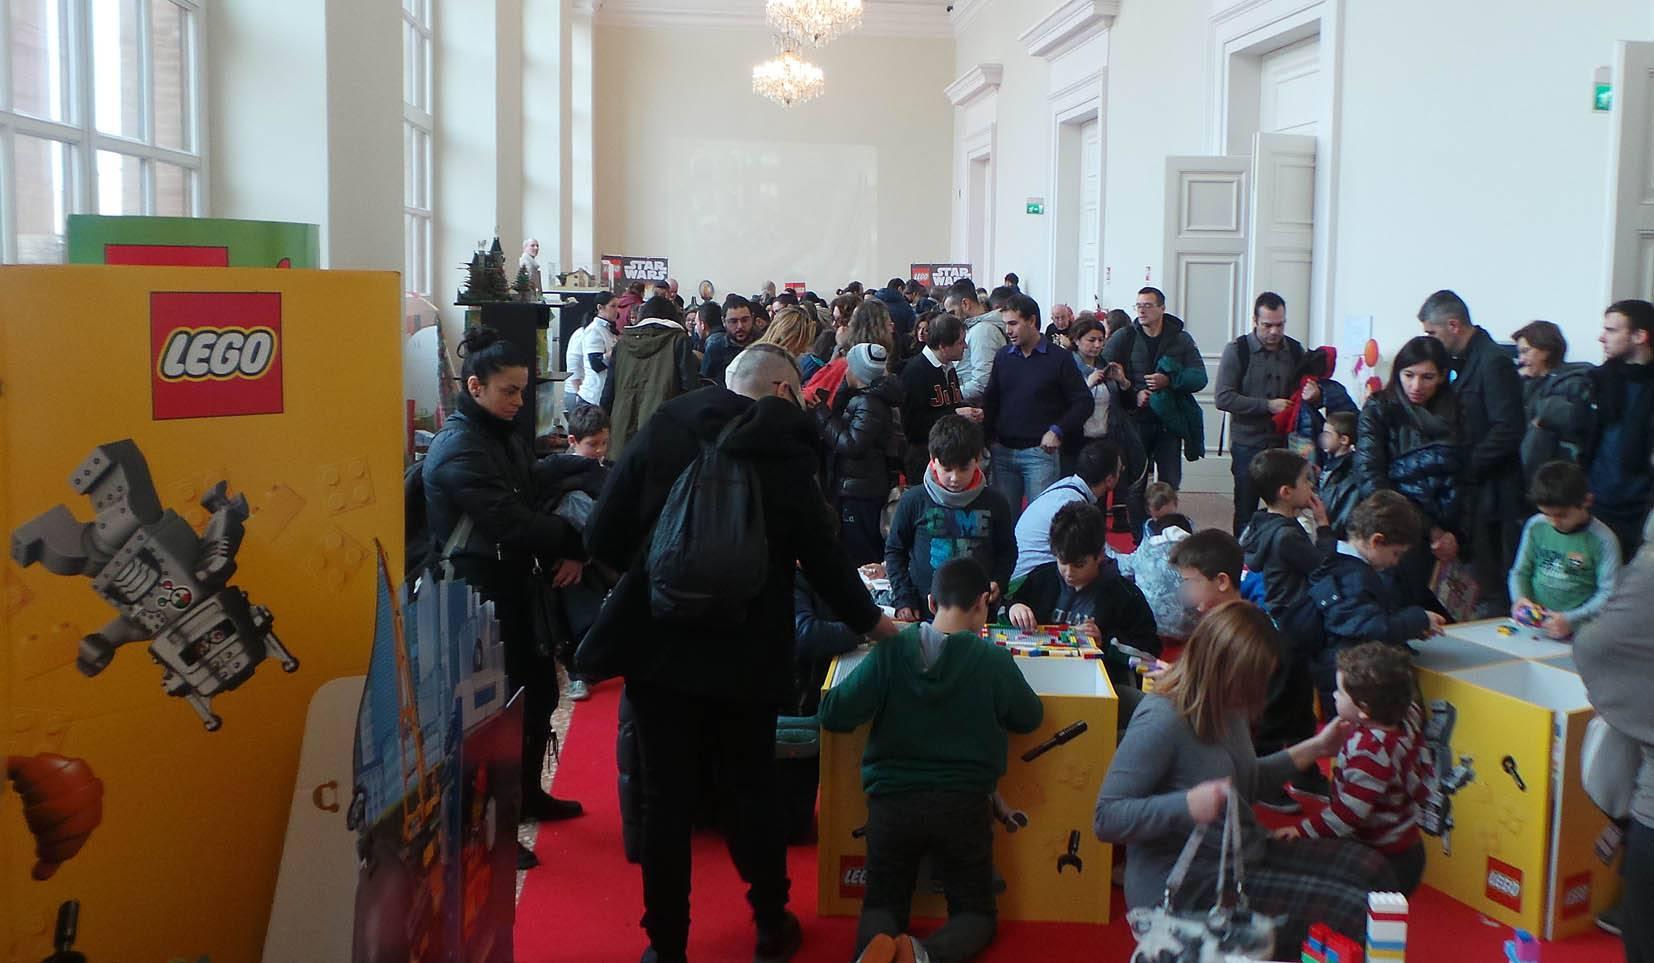 Dal 26 novembre al Foyer del Galli torna la mostra dei Lego